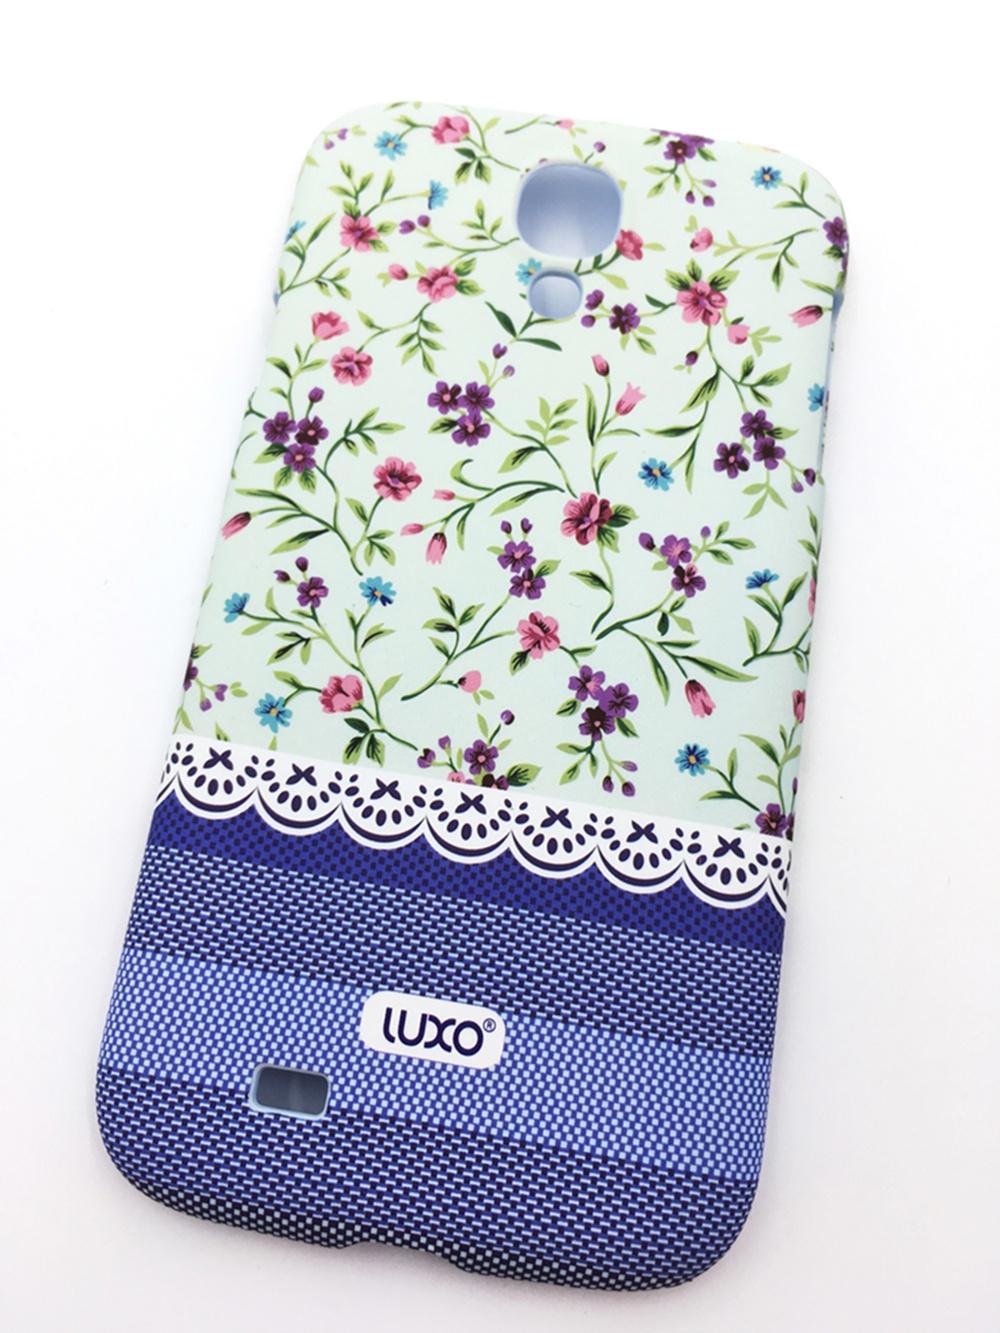 Чехол для сотового телефона Мобильная мода Samsung S4 Накладка LUXO пластиковая с нескользящим покрытием (Beautiful Flowers), 10408